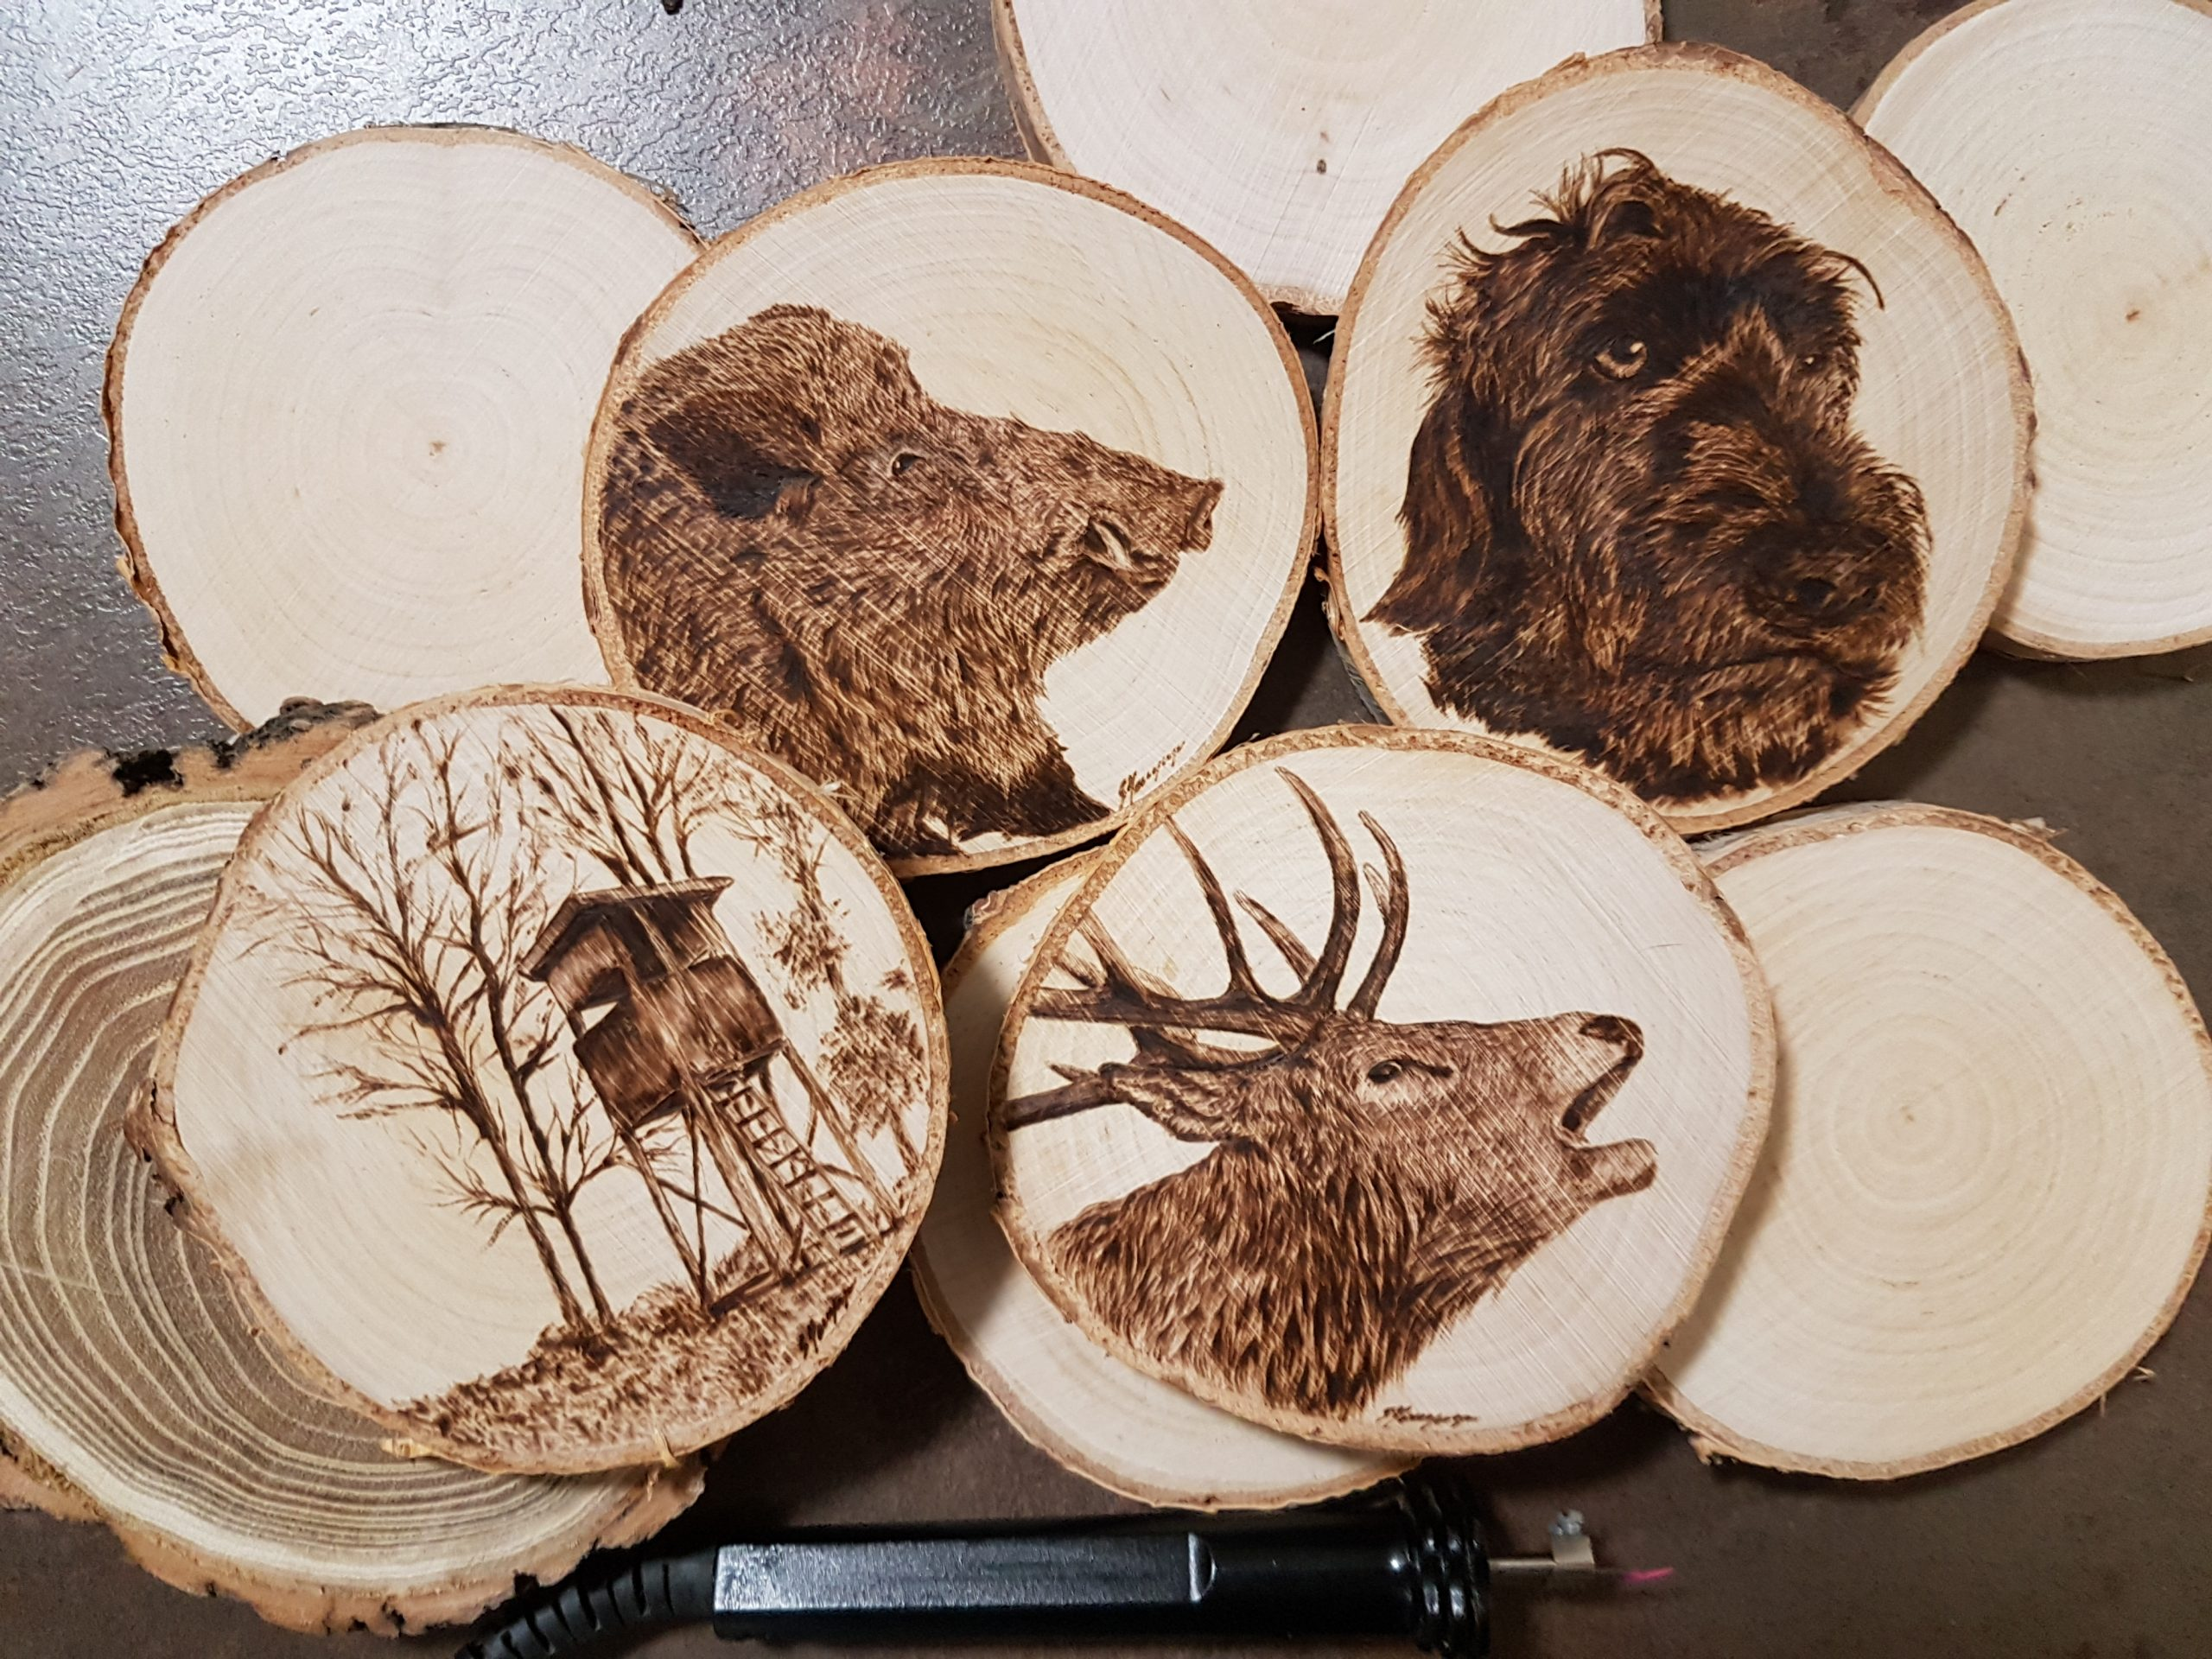 wypalanie w drewnie, sylwia, pirografia, janczyszyn, pyrography, handmade, rękodzieło, pomysł na prezent, podkładki pod kubek